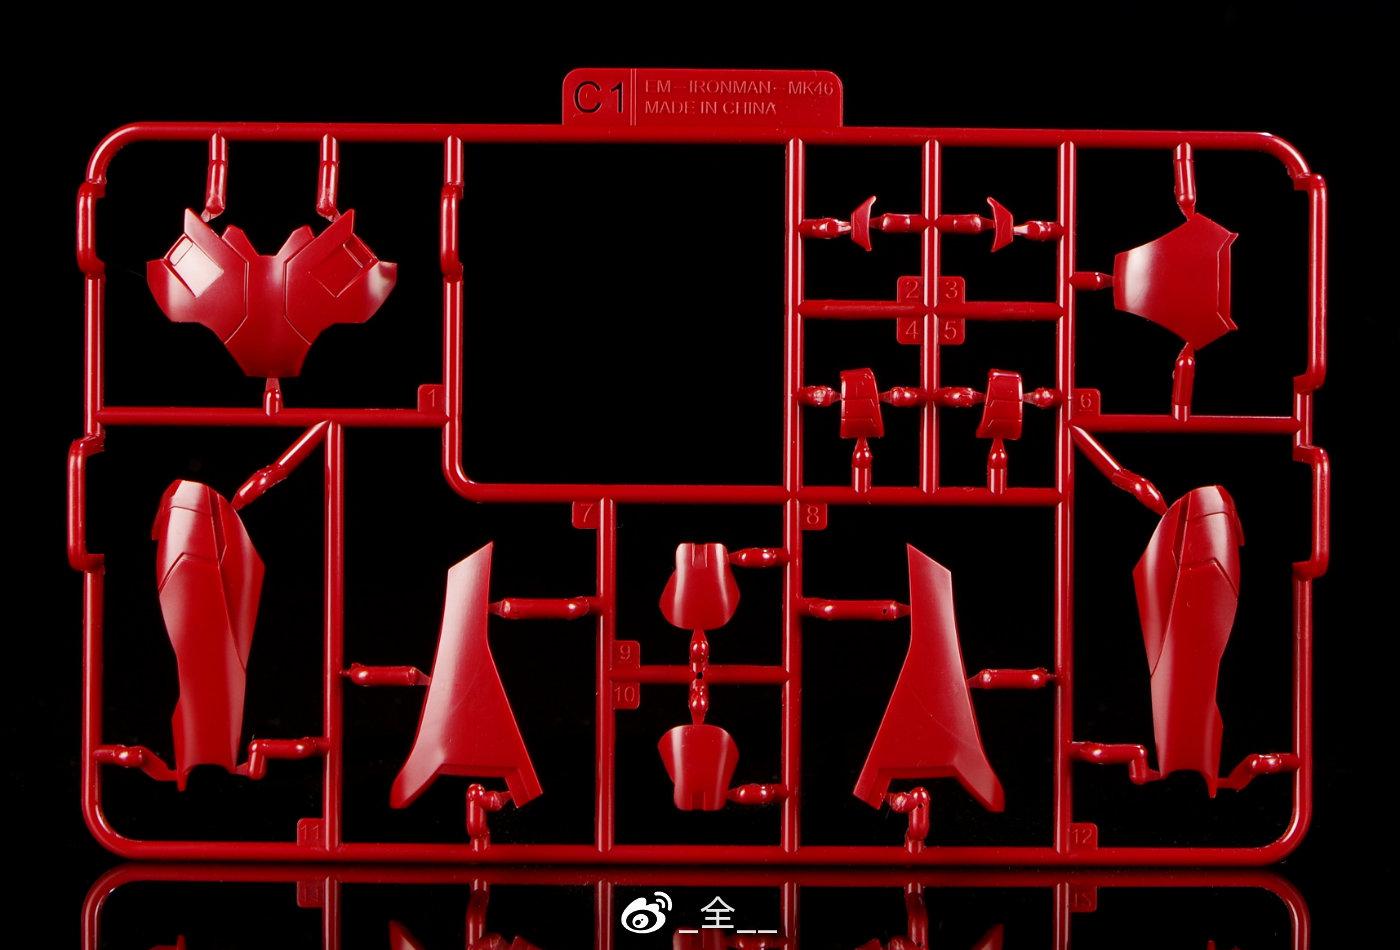 S509_E_Model_MK46_0328_006.jpg